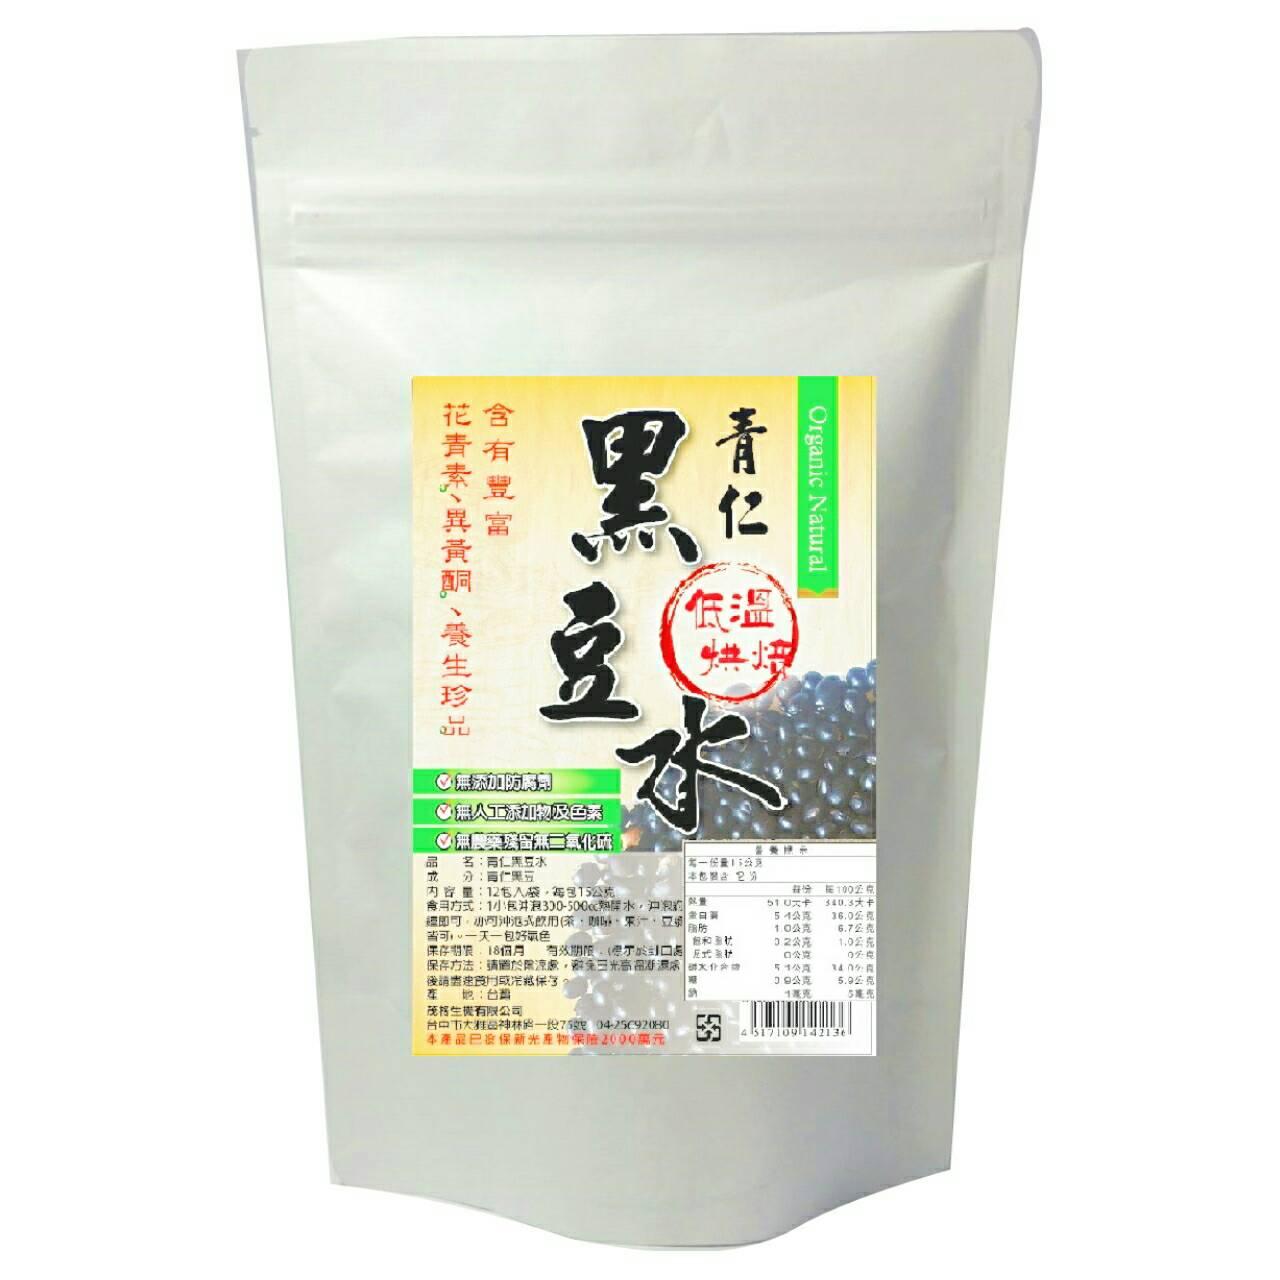 【清新自在】青仁黑豆水/180g